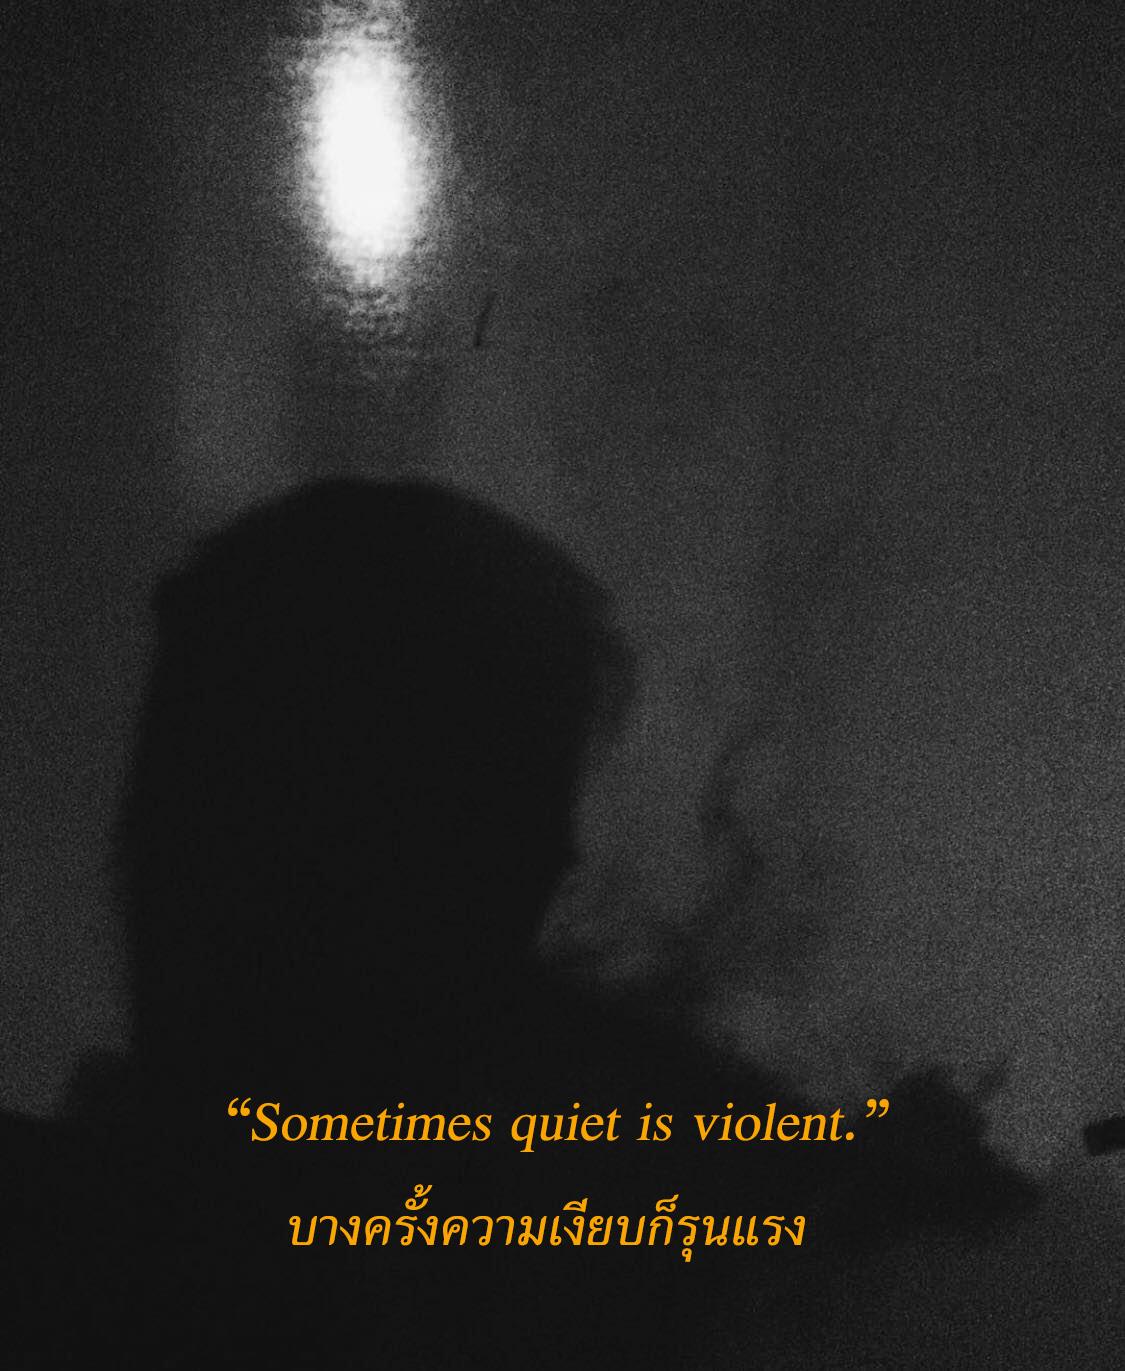 บางครั้งความเงียบก็รุนแรง